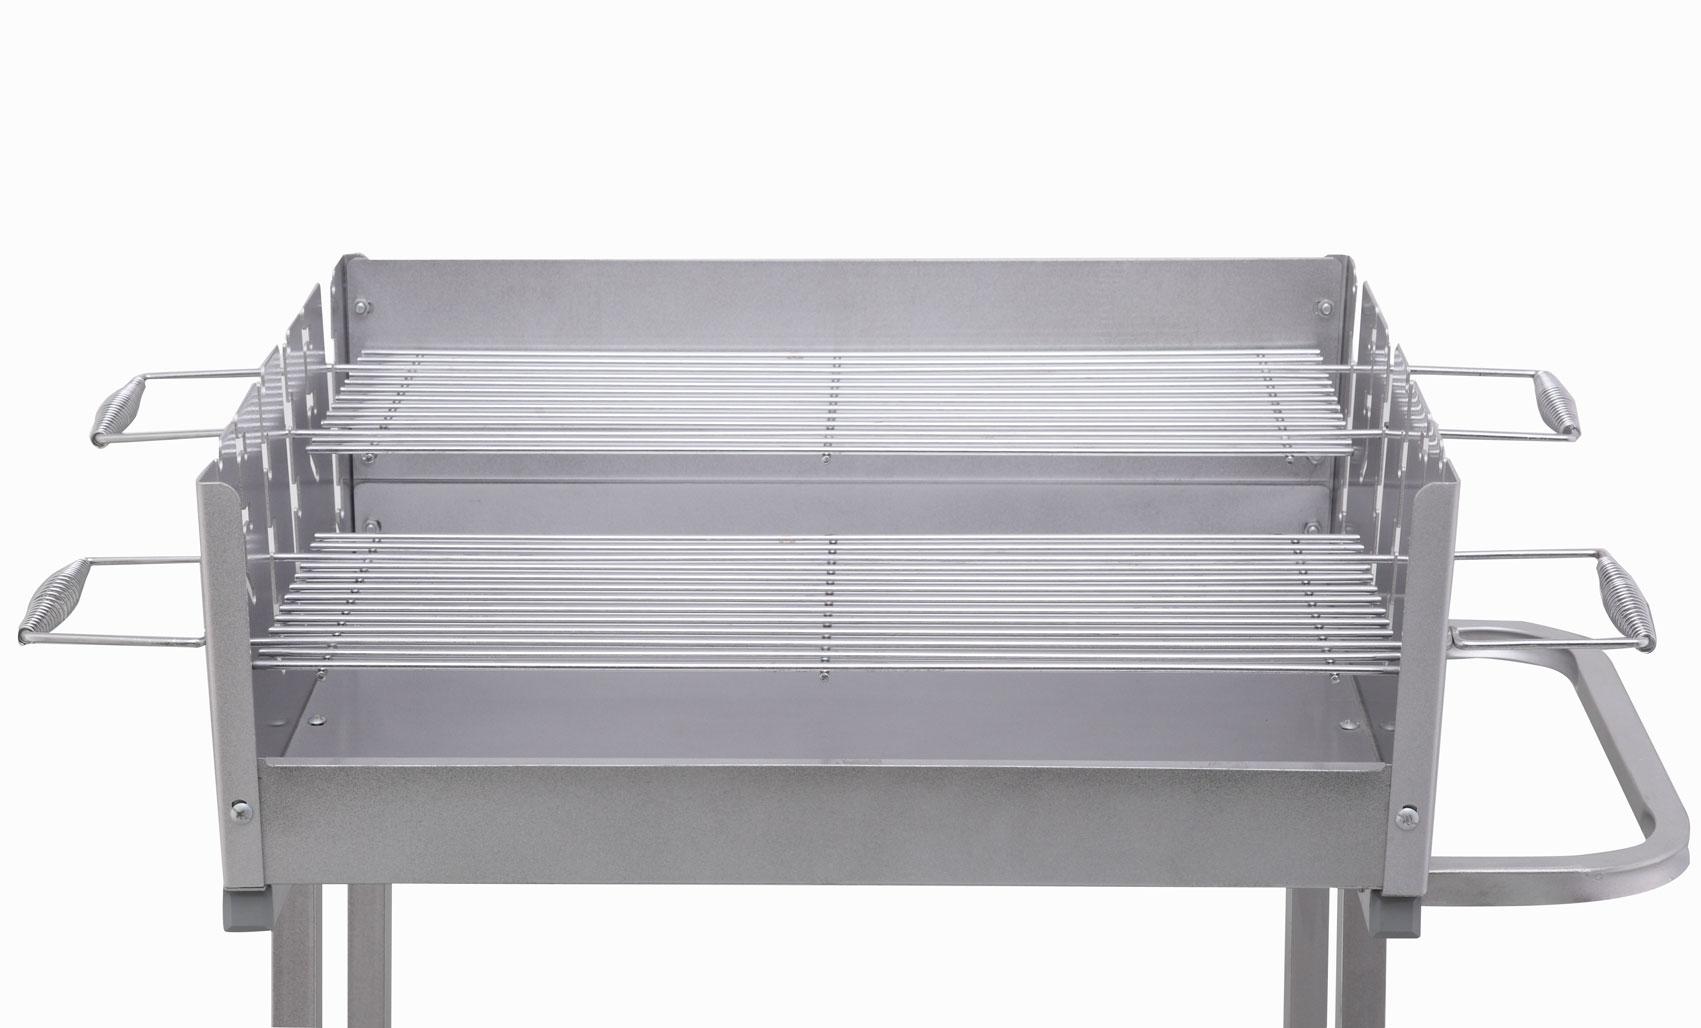 holzkohlegrill grillwagen tepro pasadena grillfl che 56x36cm bei. Black Bedroom Furniture Sets. Home Design Ideas